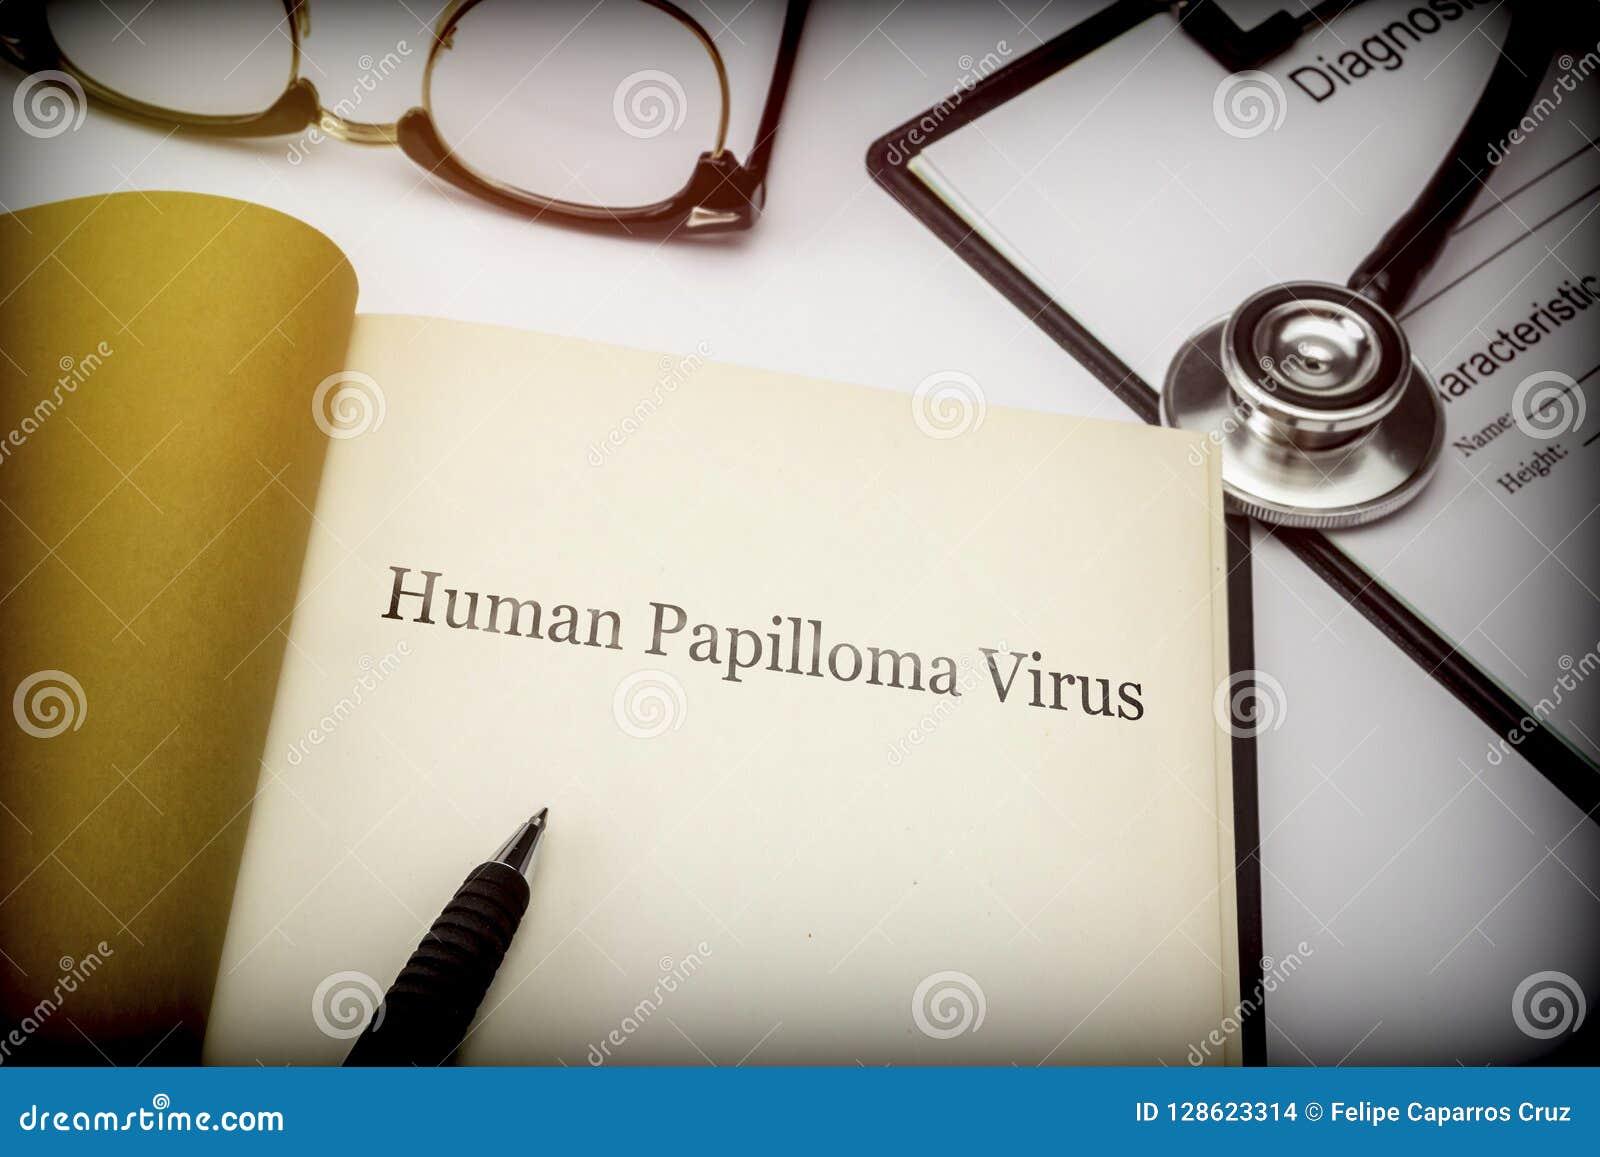 hpv impfung wirkung féreghajtó az emberi megelőzés felülvizsgálatához